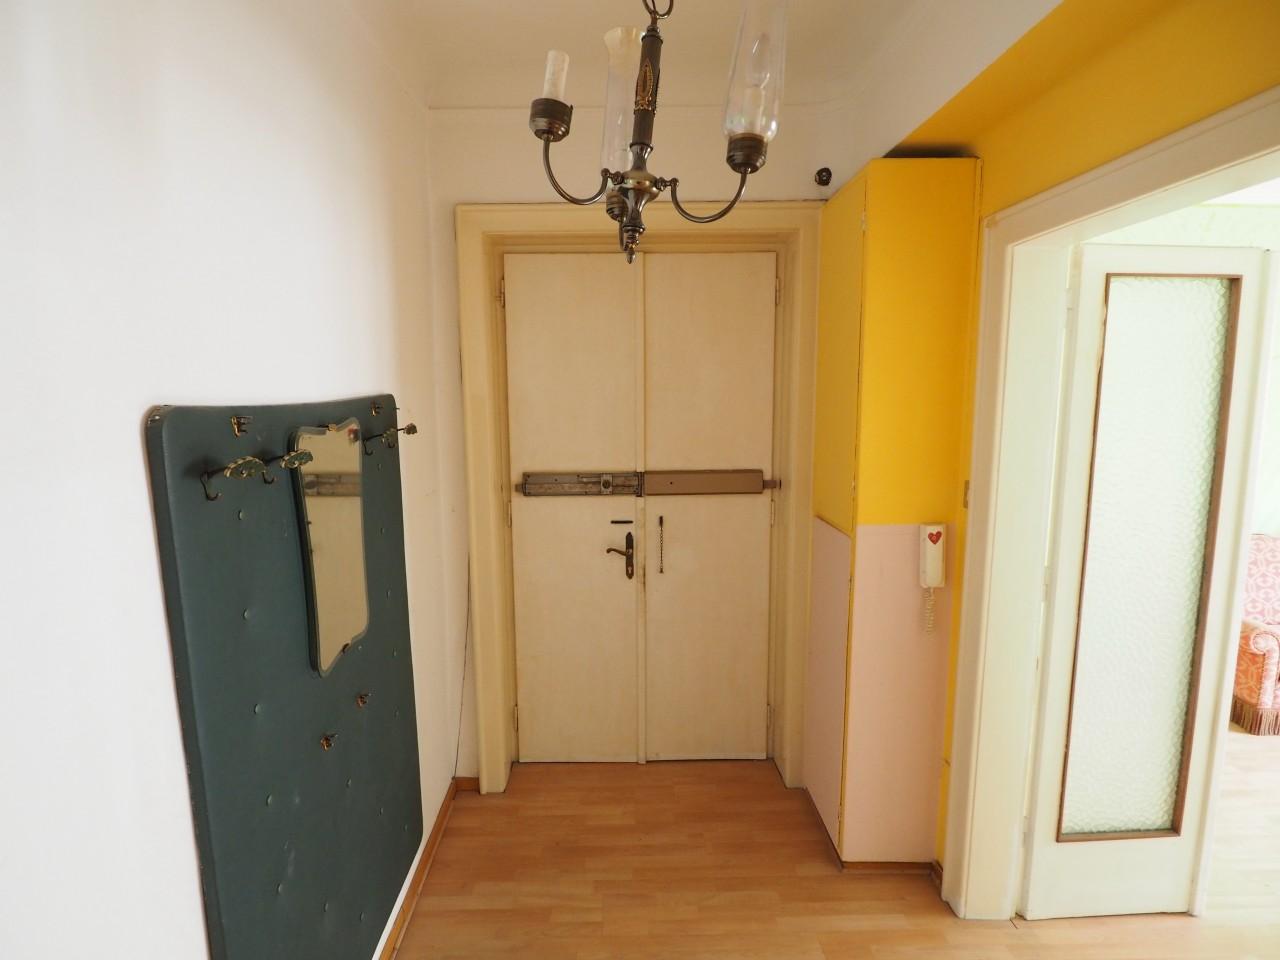 Viale d 39 annunzio euro 79000 home trieste for Bagno d annunzio